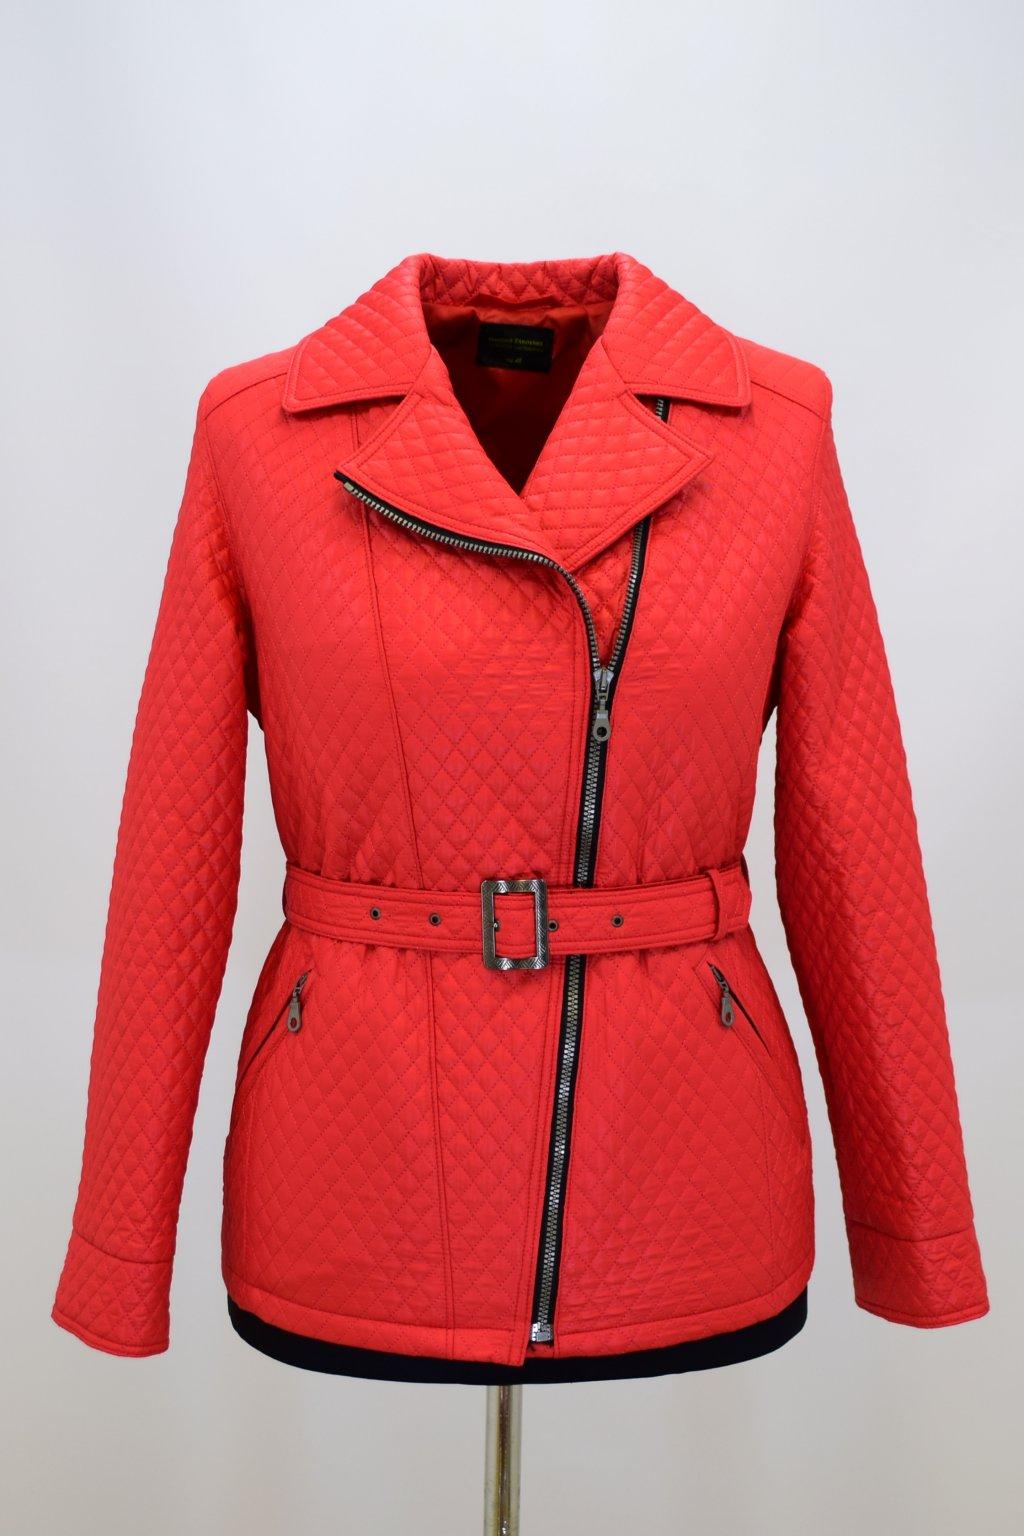 Dámský přechodový červený kabátek Zina nadměrné velikosti